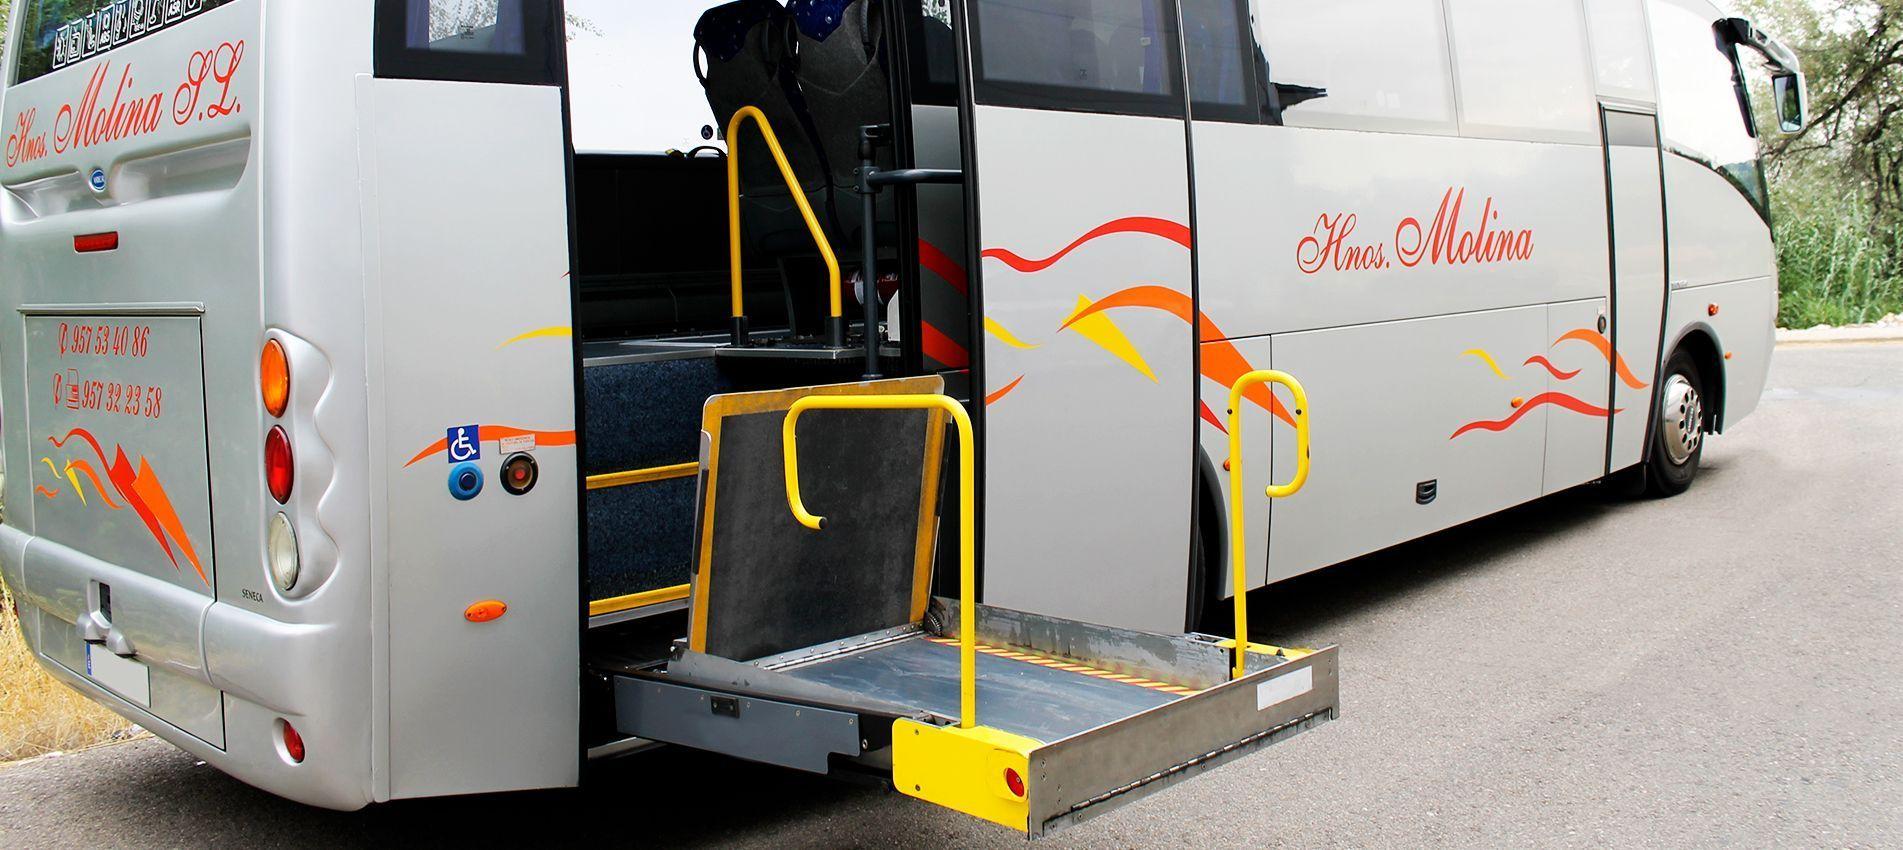 Autobuses adaptados a personas con movilidad reducida transporte-discapacitados-1